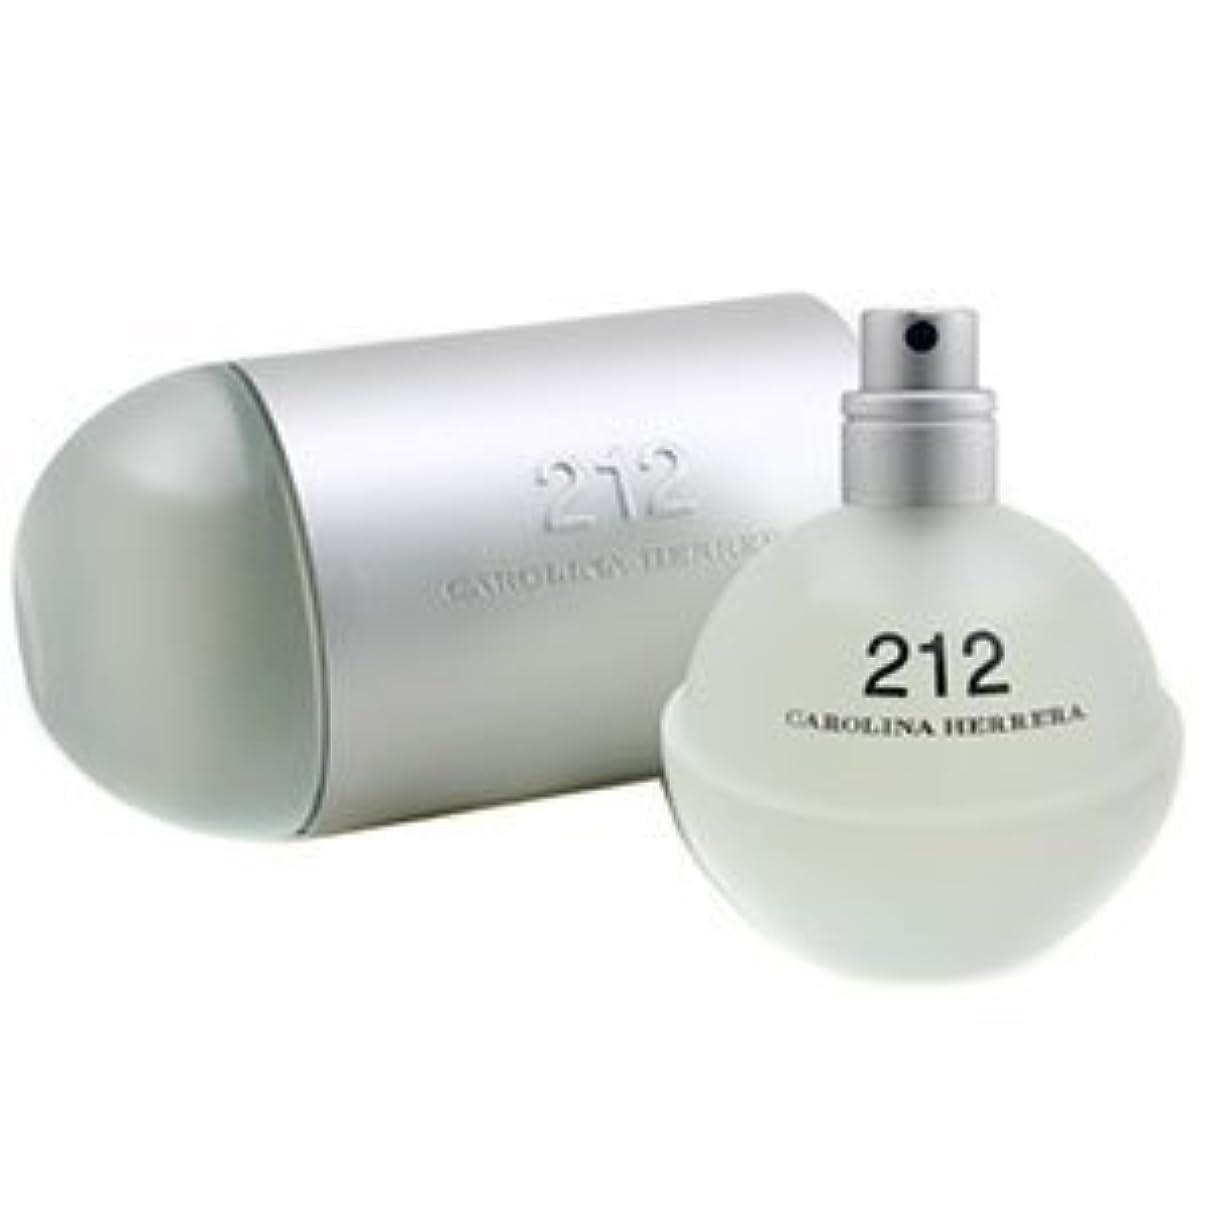 受粉者信頼性圧縮されたキャロライナ ヘレラ 香水 212 EDT SP 60ml ( 30ml ×2) 【並行輸入品】